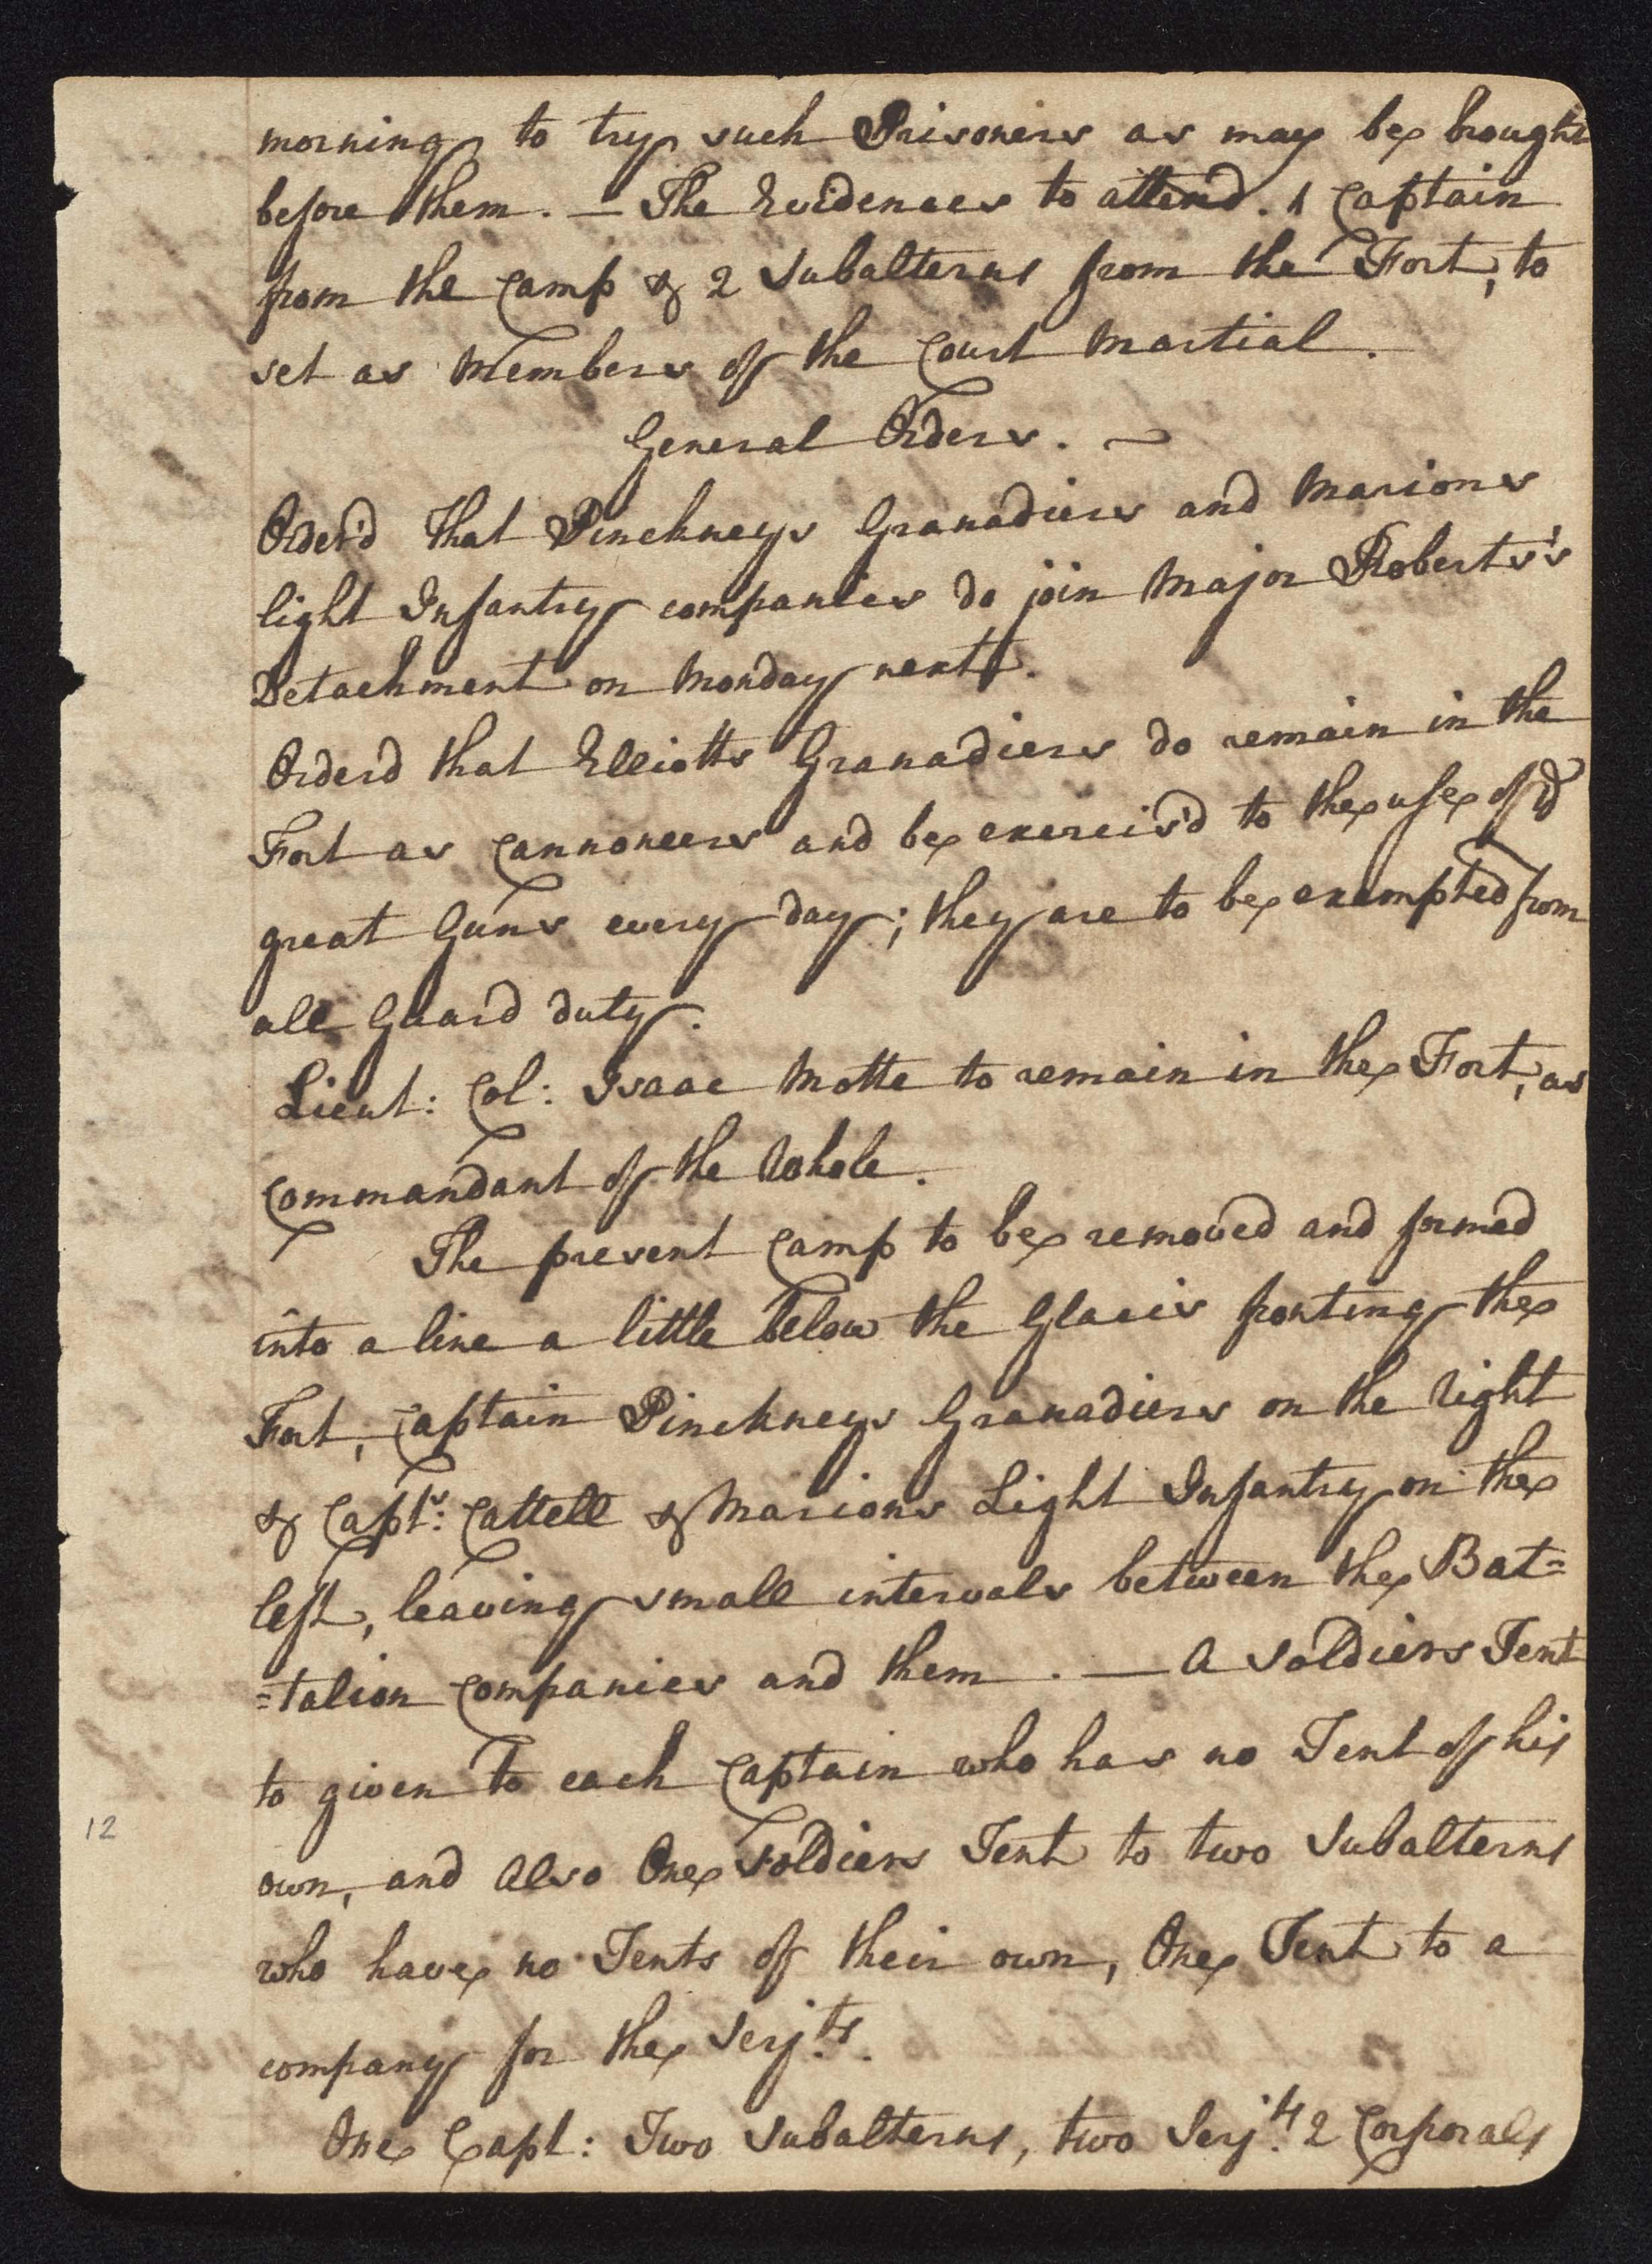 South Carolina Regiment Order Book, Page 23